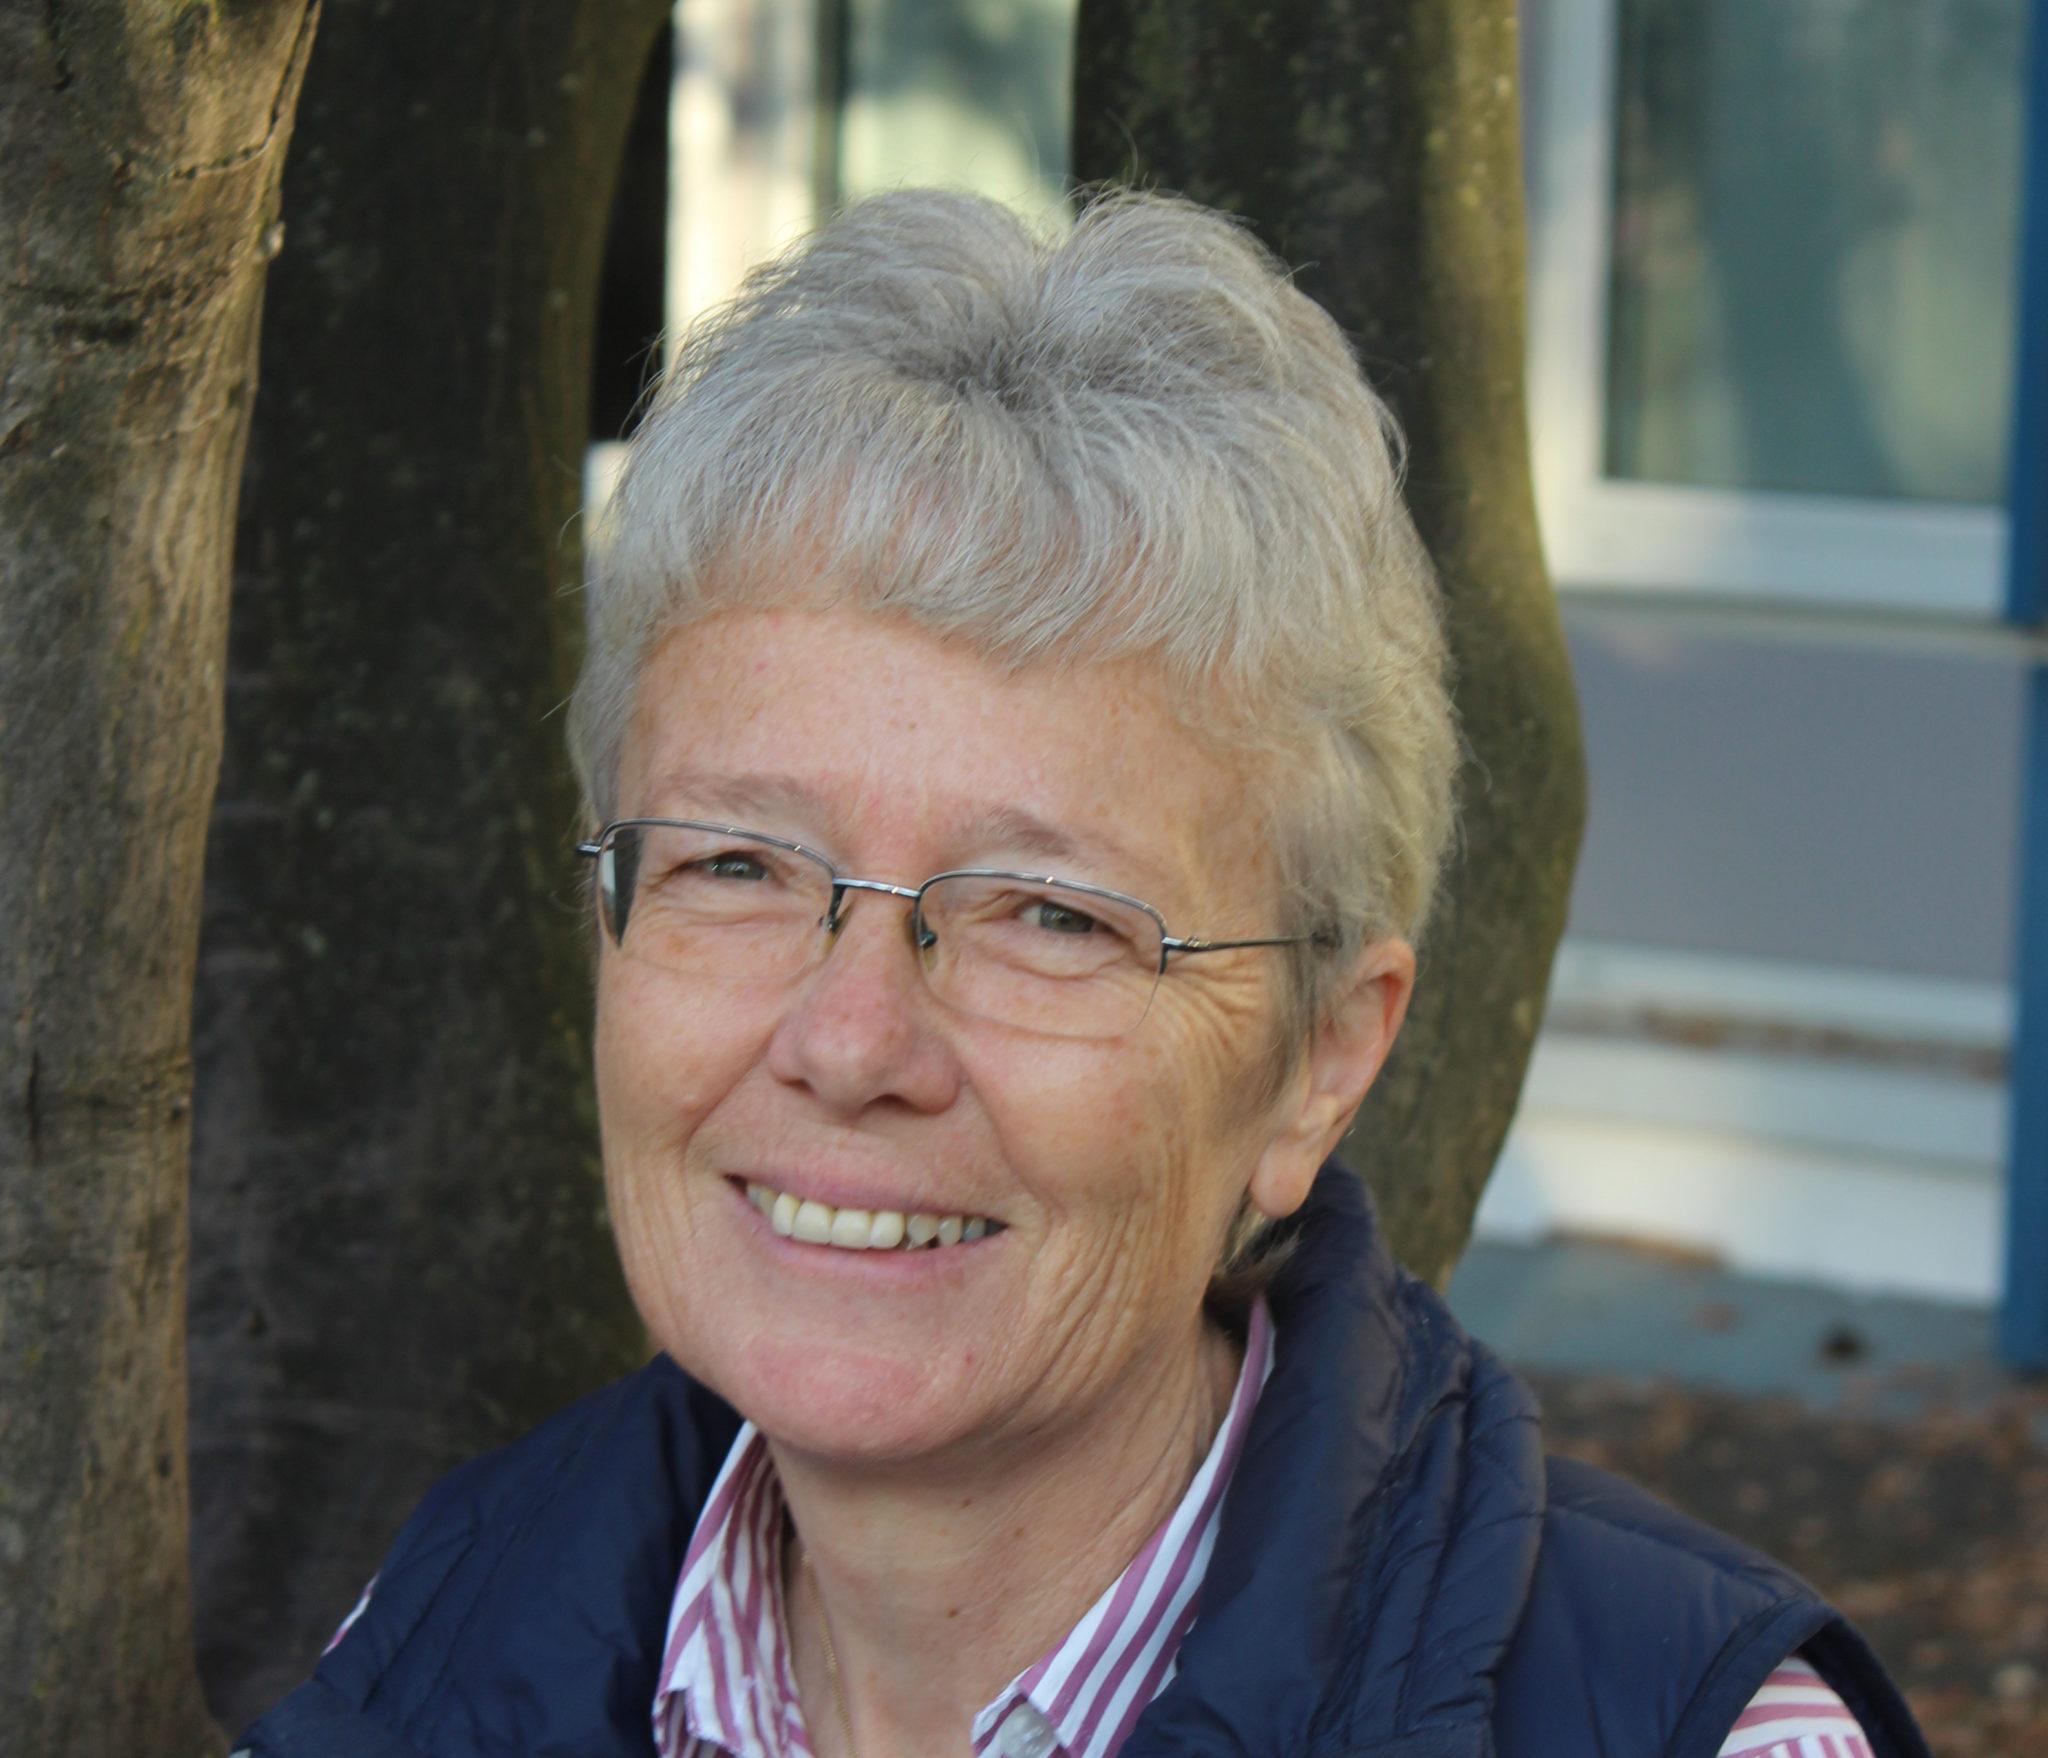 Annekatrin Sieck